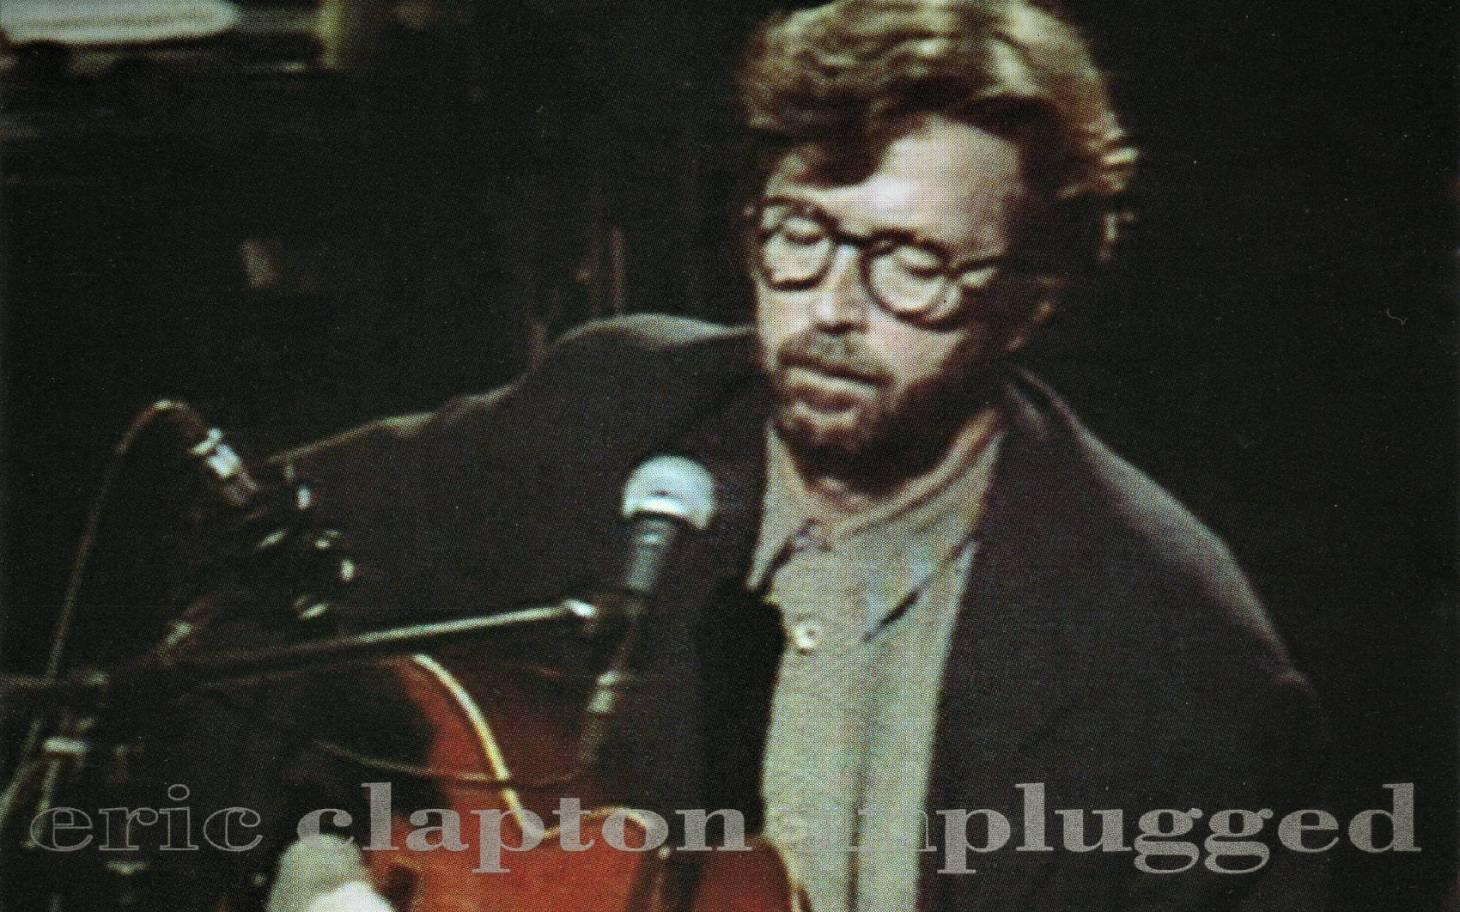 Musique - Mythique Clapton